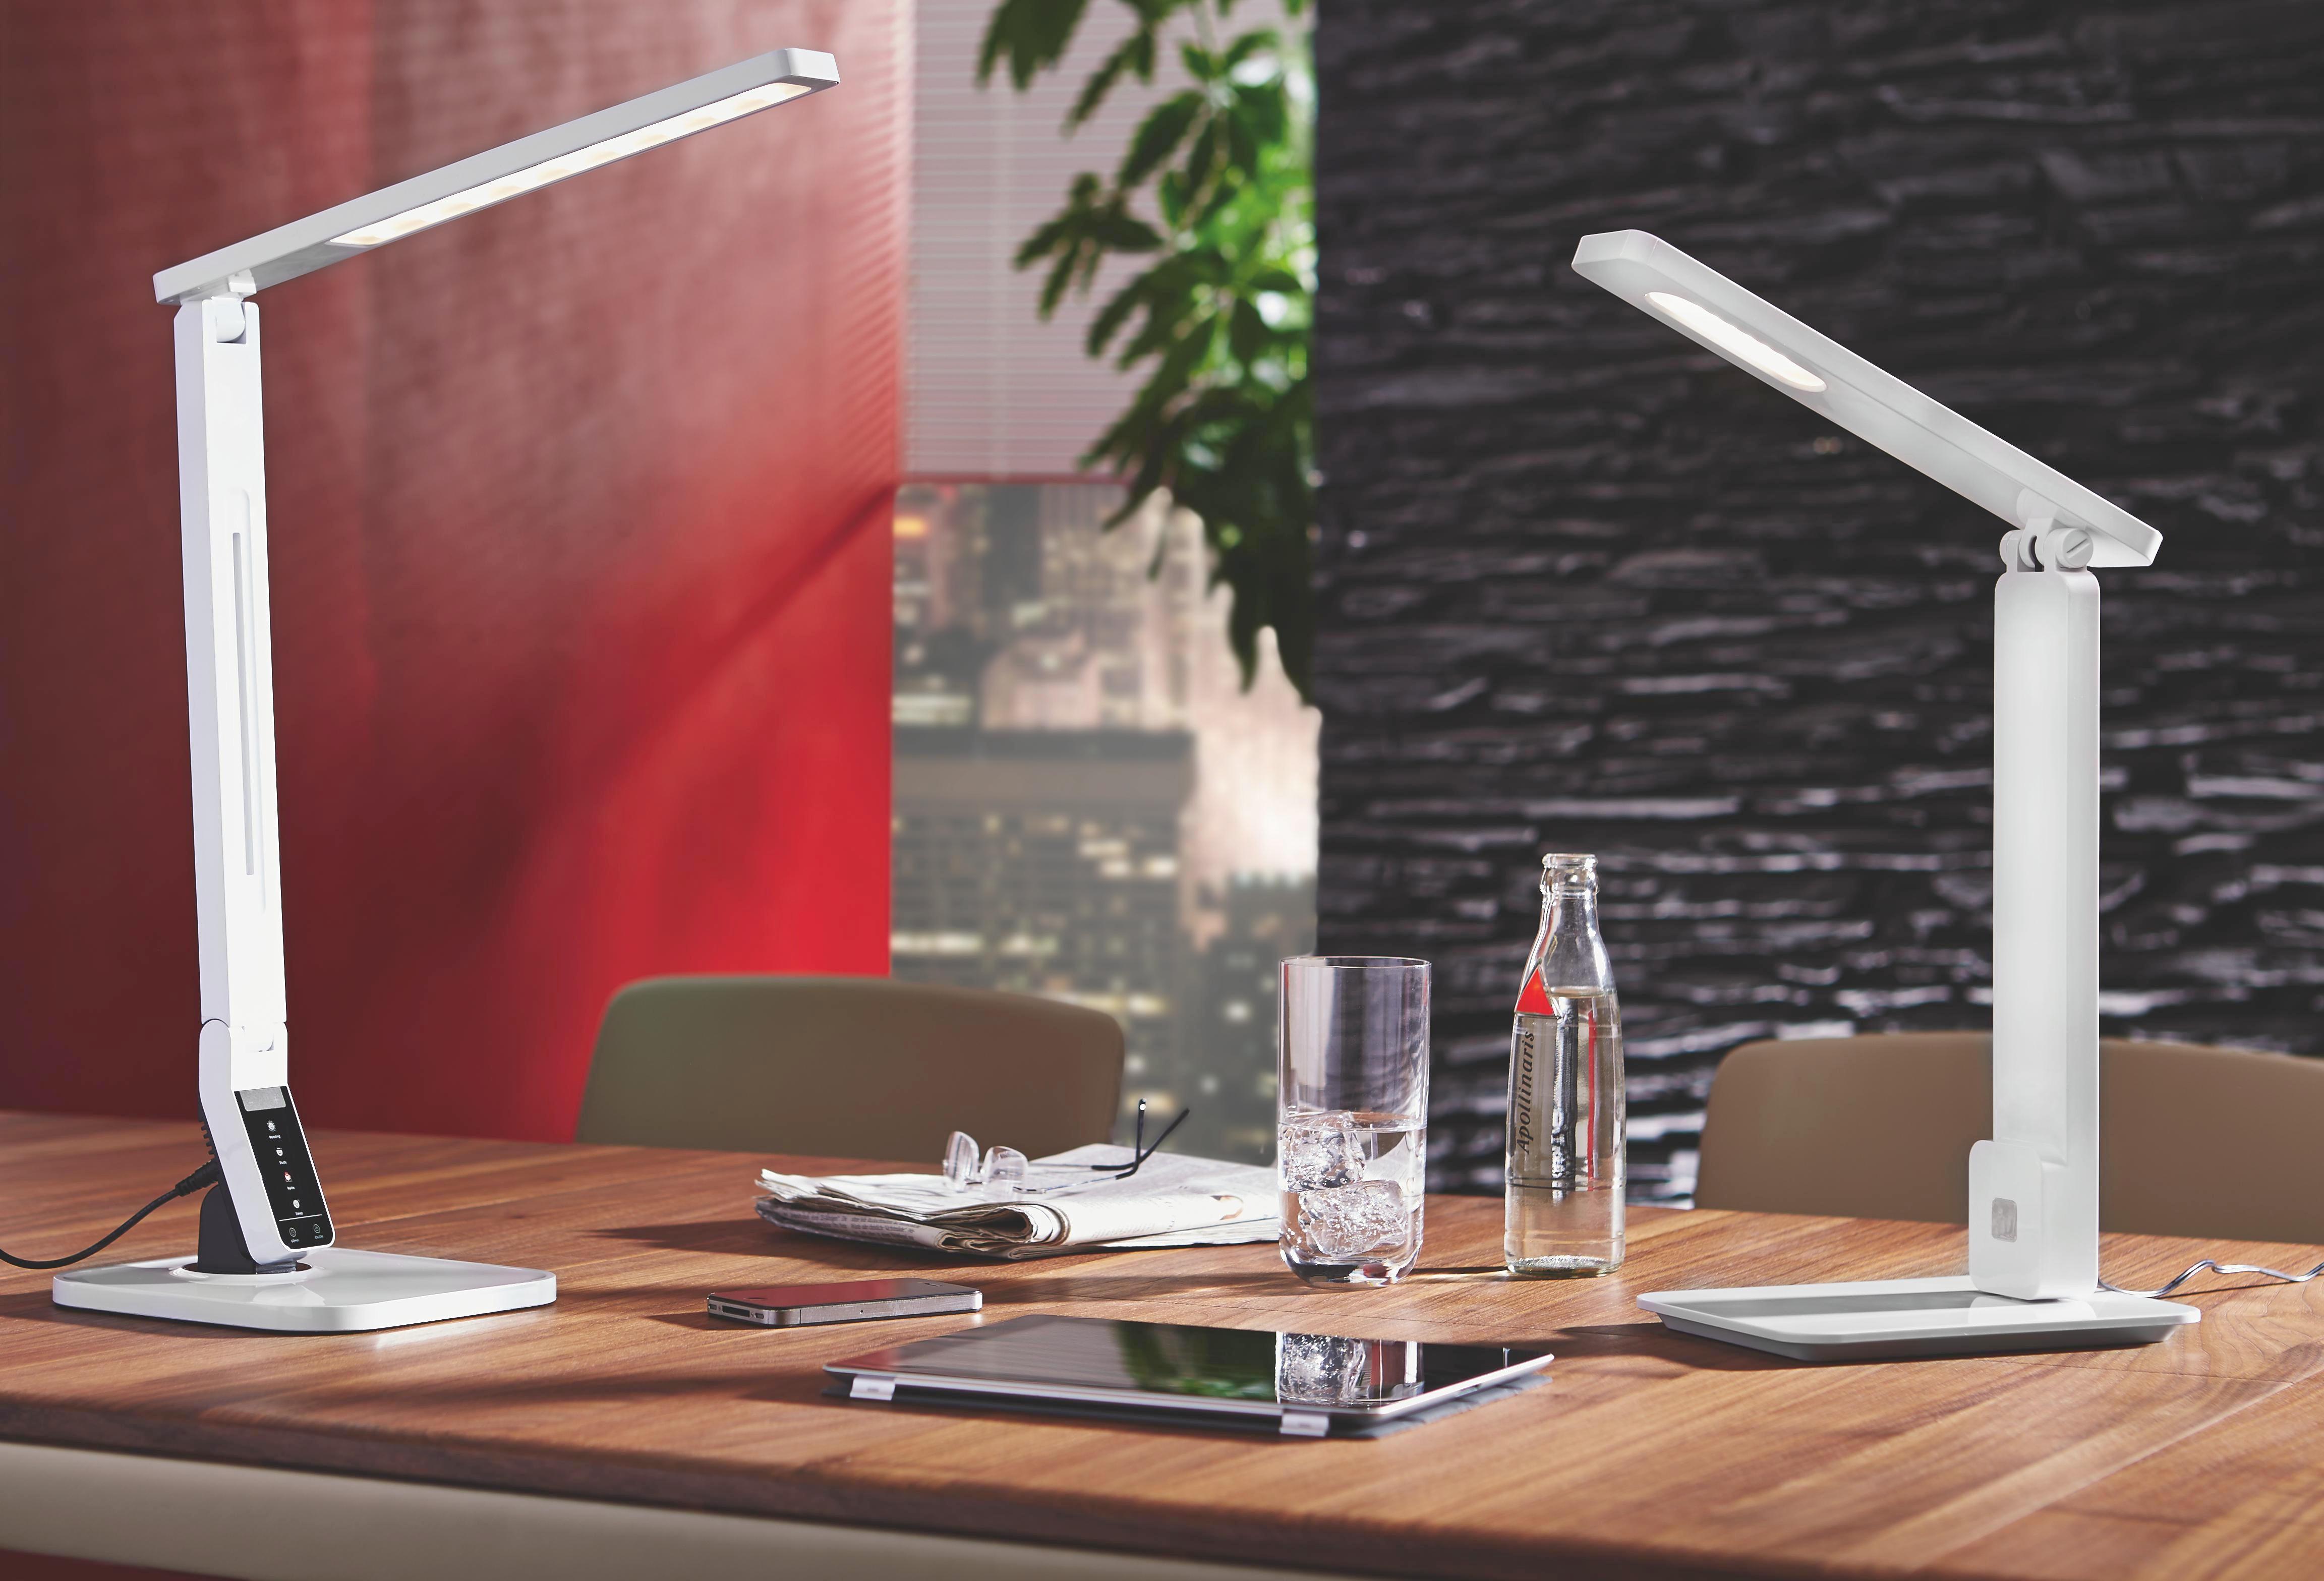 LED-SCHREIBTISCHLEUCHTE - Weiß, Design, Kunststoff (17/45cm) - NOVEL